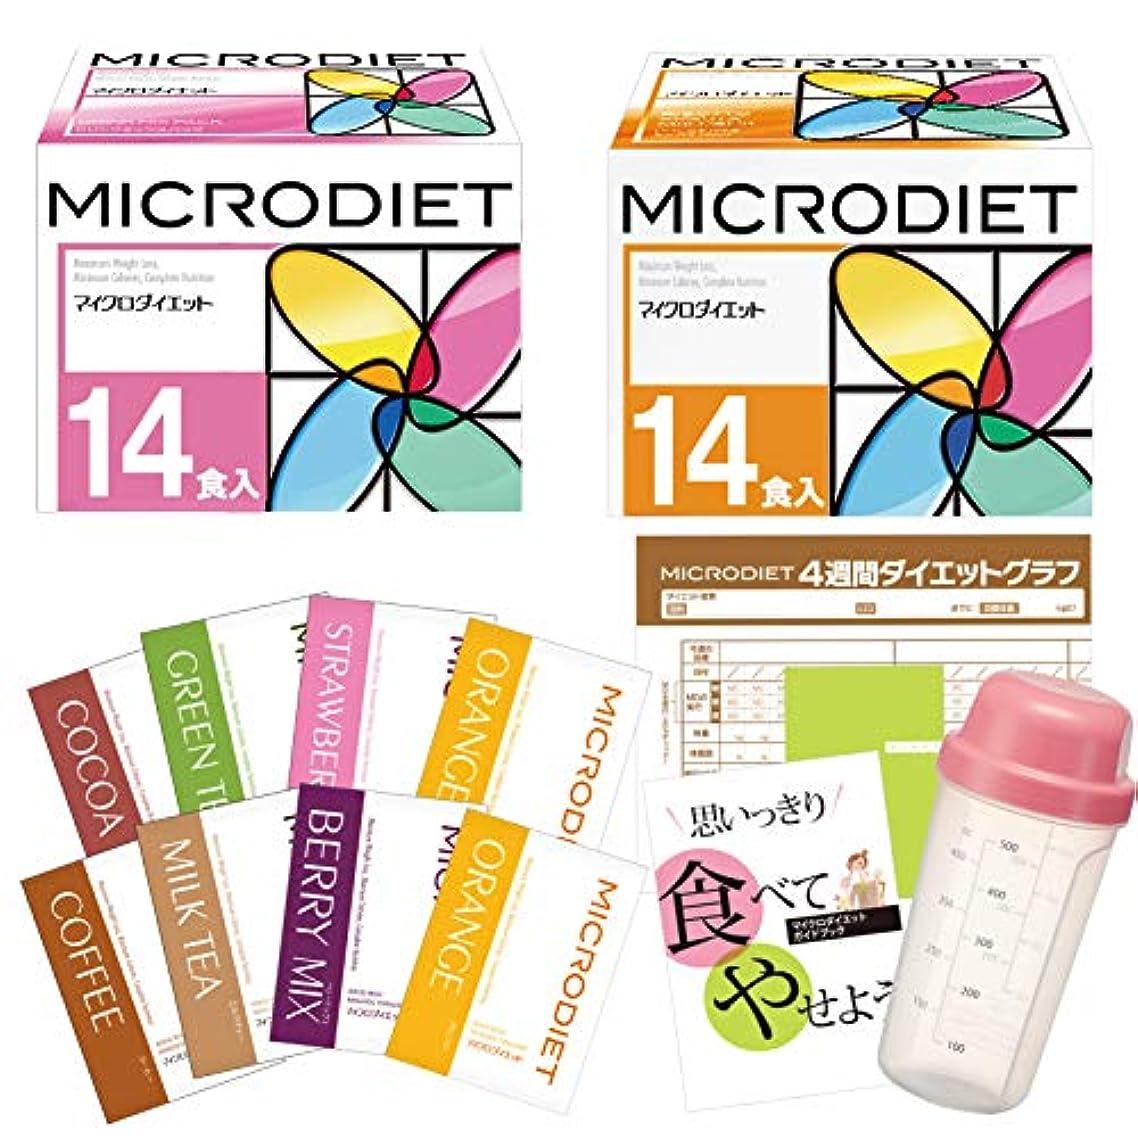 水平人質こしょうマイクロダイエット2箱+8食セット(初回特典付き)ドリンク、リゾット&パスタ各1箱:06AMA2-0000022